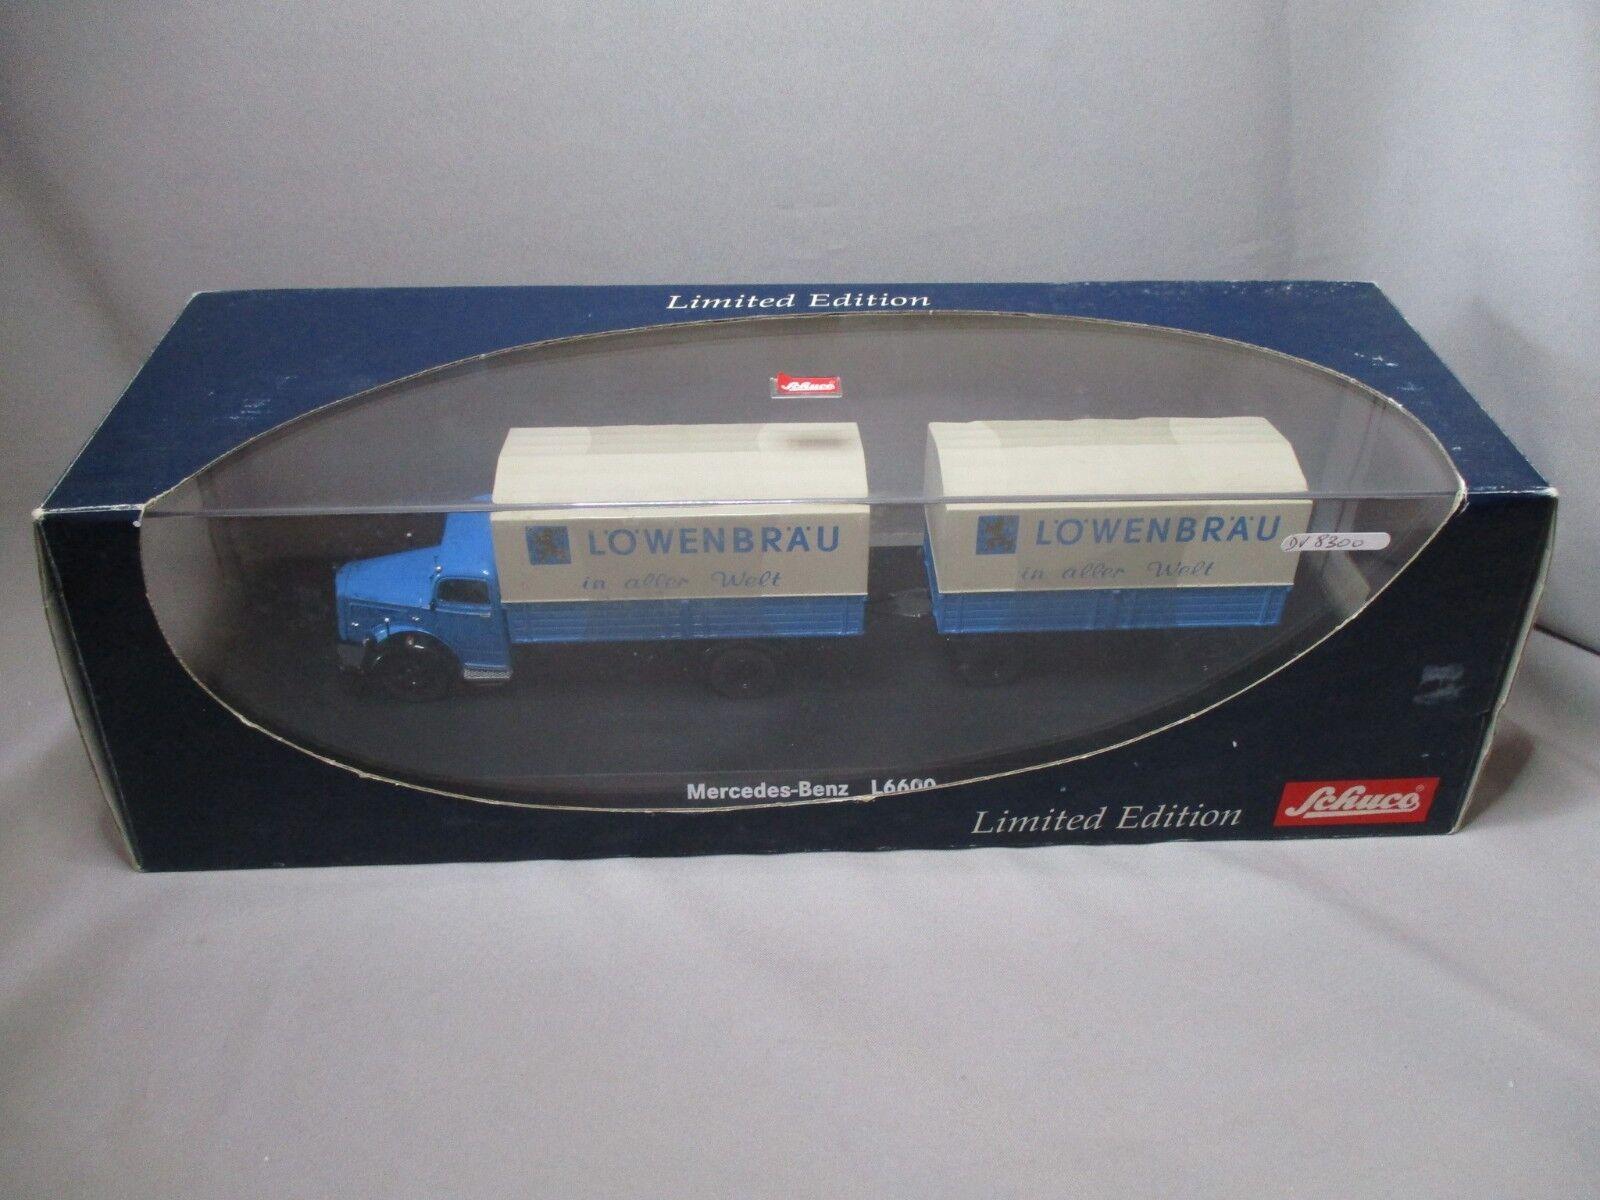 DV8300 SCHUCO 1 43 MERCEDES BENZ L6600 MIT ZWEIACHS ANHANGER LOWENBRAU Ref 03017